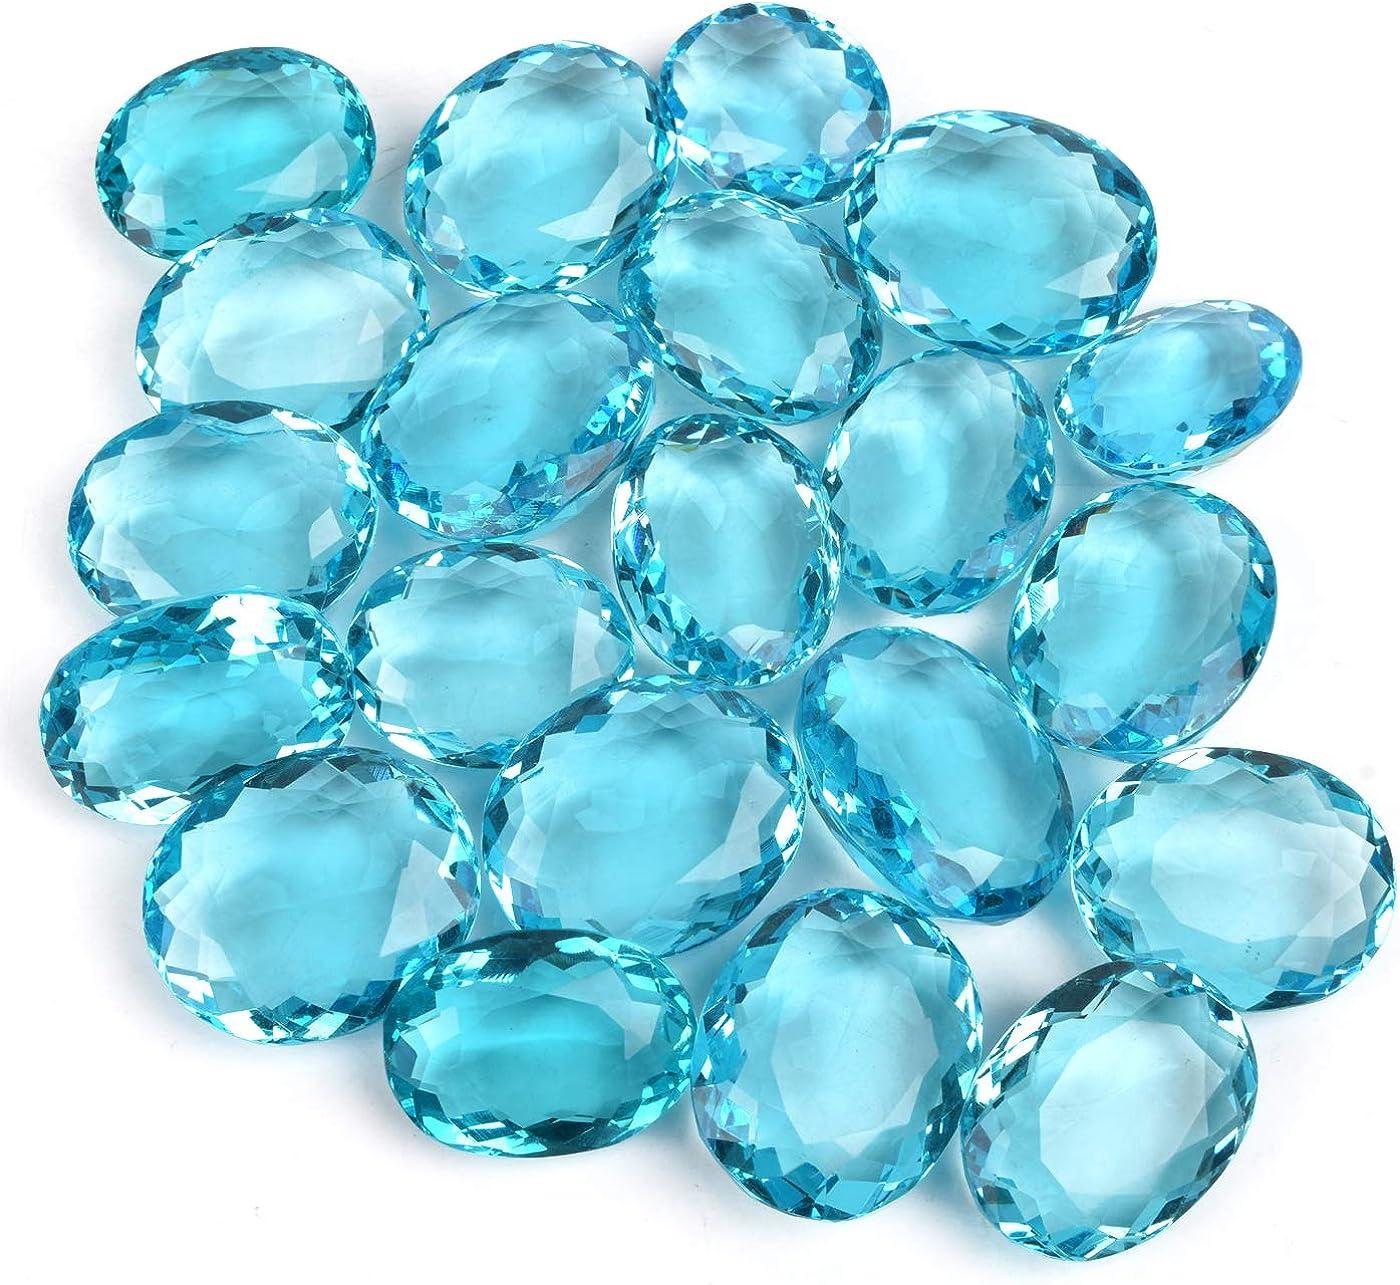 eGemCart Naturel Suisse Bleu Topaze 8X6mm Forme Ovale /À Facettes Coupe en Vrac pour La Fabrication De Bijoux Qualit/é AAA calibr/ée Taille 8X6 mm Pierres Semi-pr/écieuses